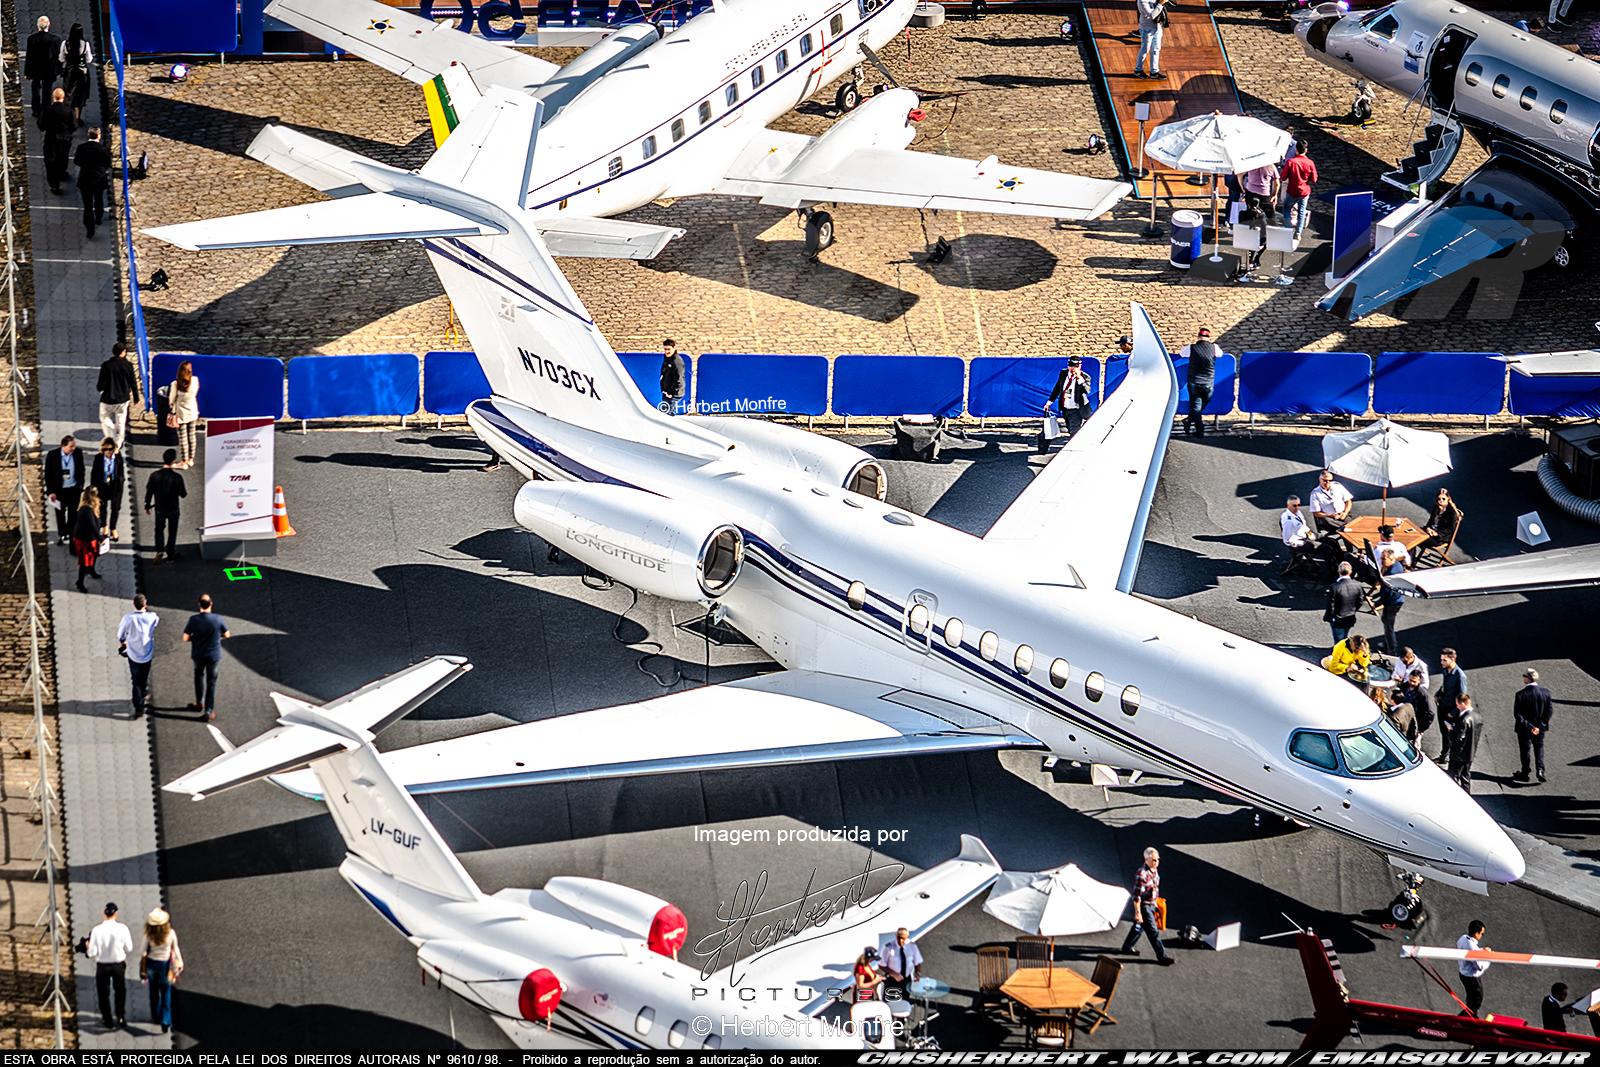 Jato executivo Citation Longitude recebe Certificação de Tipo FAA | Foto © Herbert Monfre - contrate o fotógrafo em: cmsherbert@hotmail.com | Publicado em: É MAIS QUE VOAR